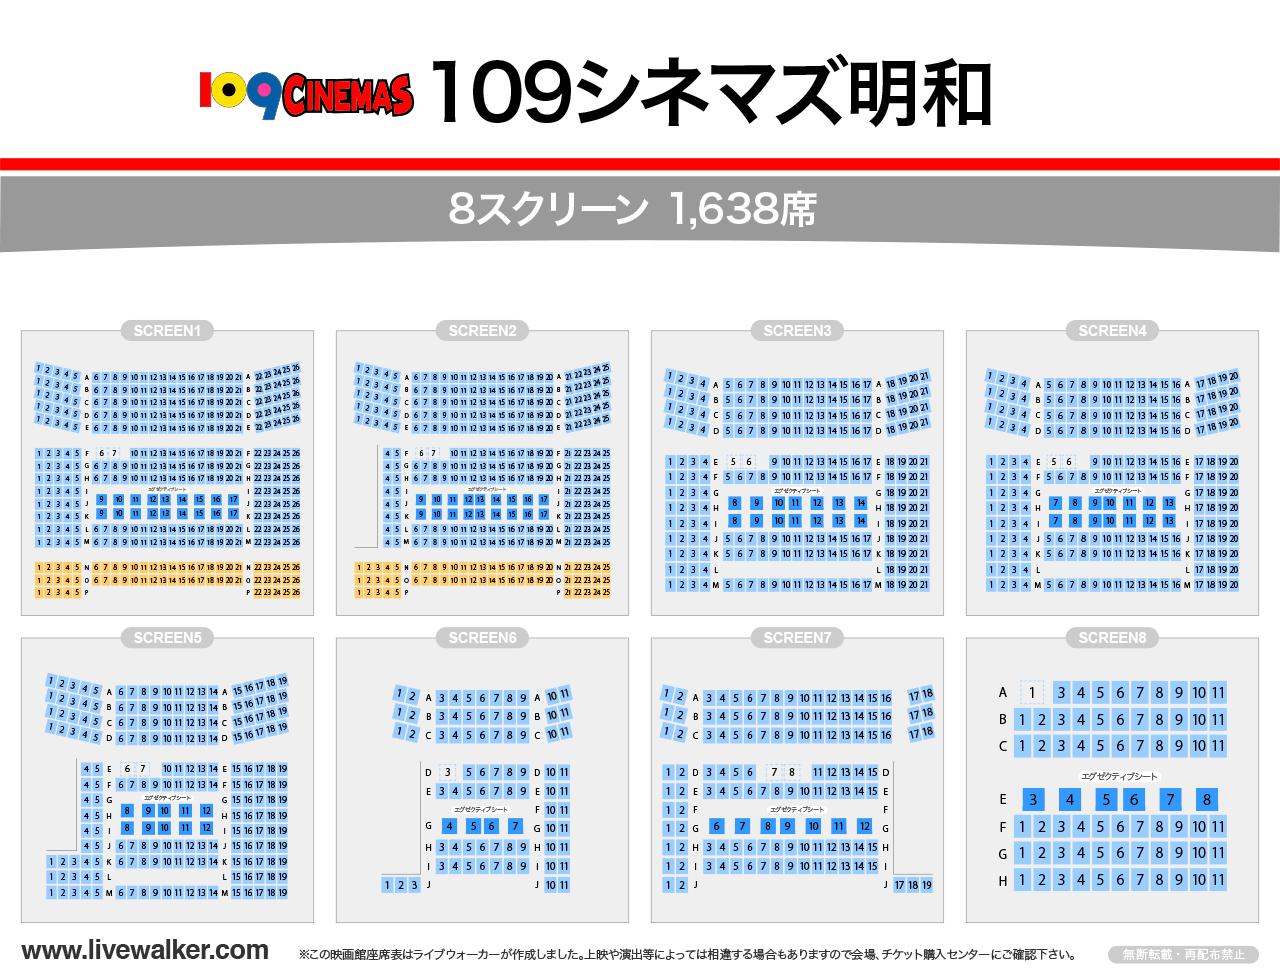 109シネマズ明和 (三重県 多気郡明和町) - LiveWalker.com